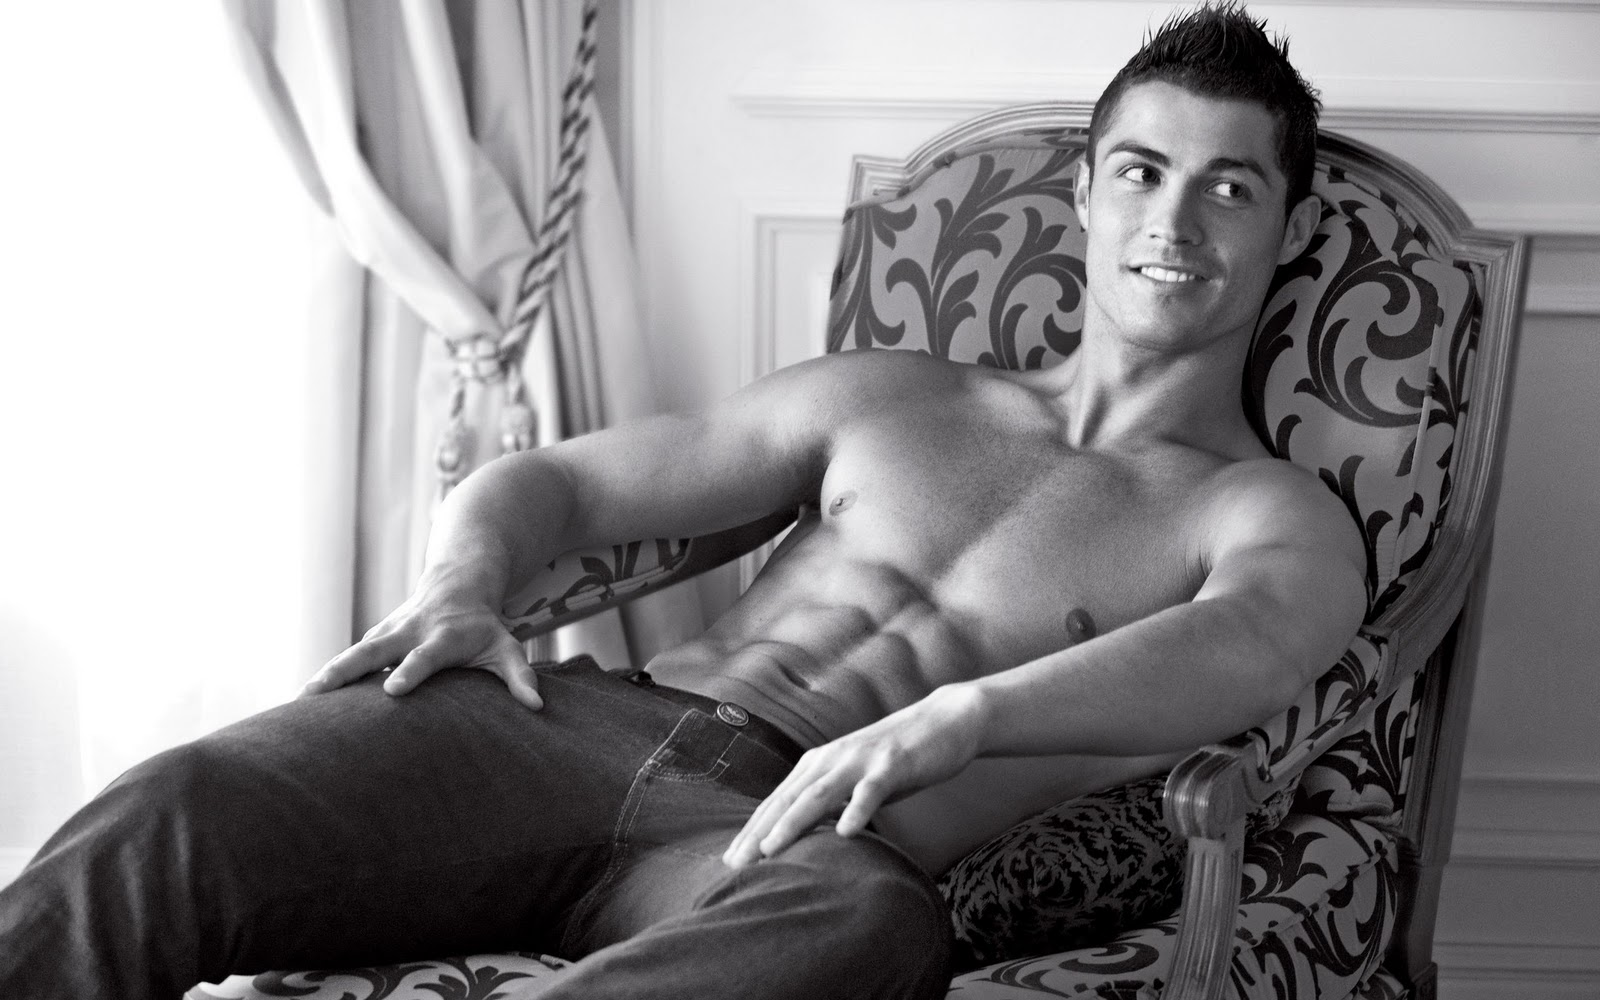 http://4.bp.blogspot.com/-mzVE8a0Ao4c/T35v1eh1dpI/AAAAAAAAA_w/ulJ0lMUBS18/s1600/Sexy-man-football-player-cristiano-ronaldo-wallpapers-cristiano-ronaldo-wallpaper-hd-31.jpg